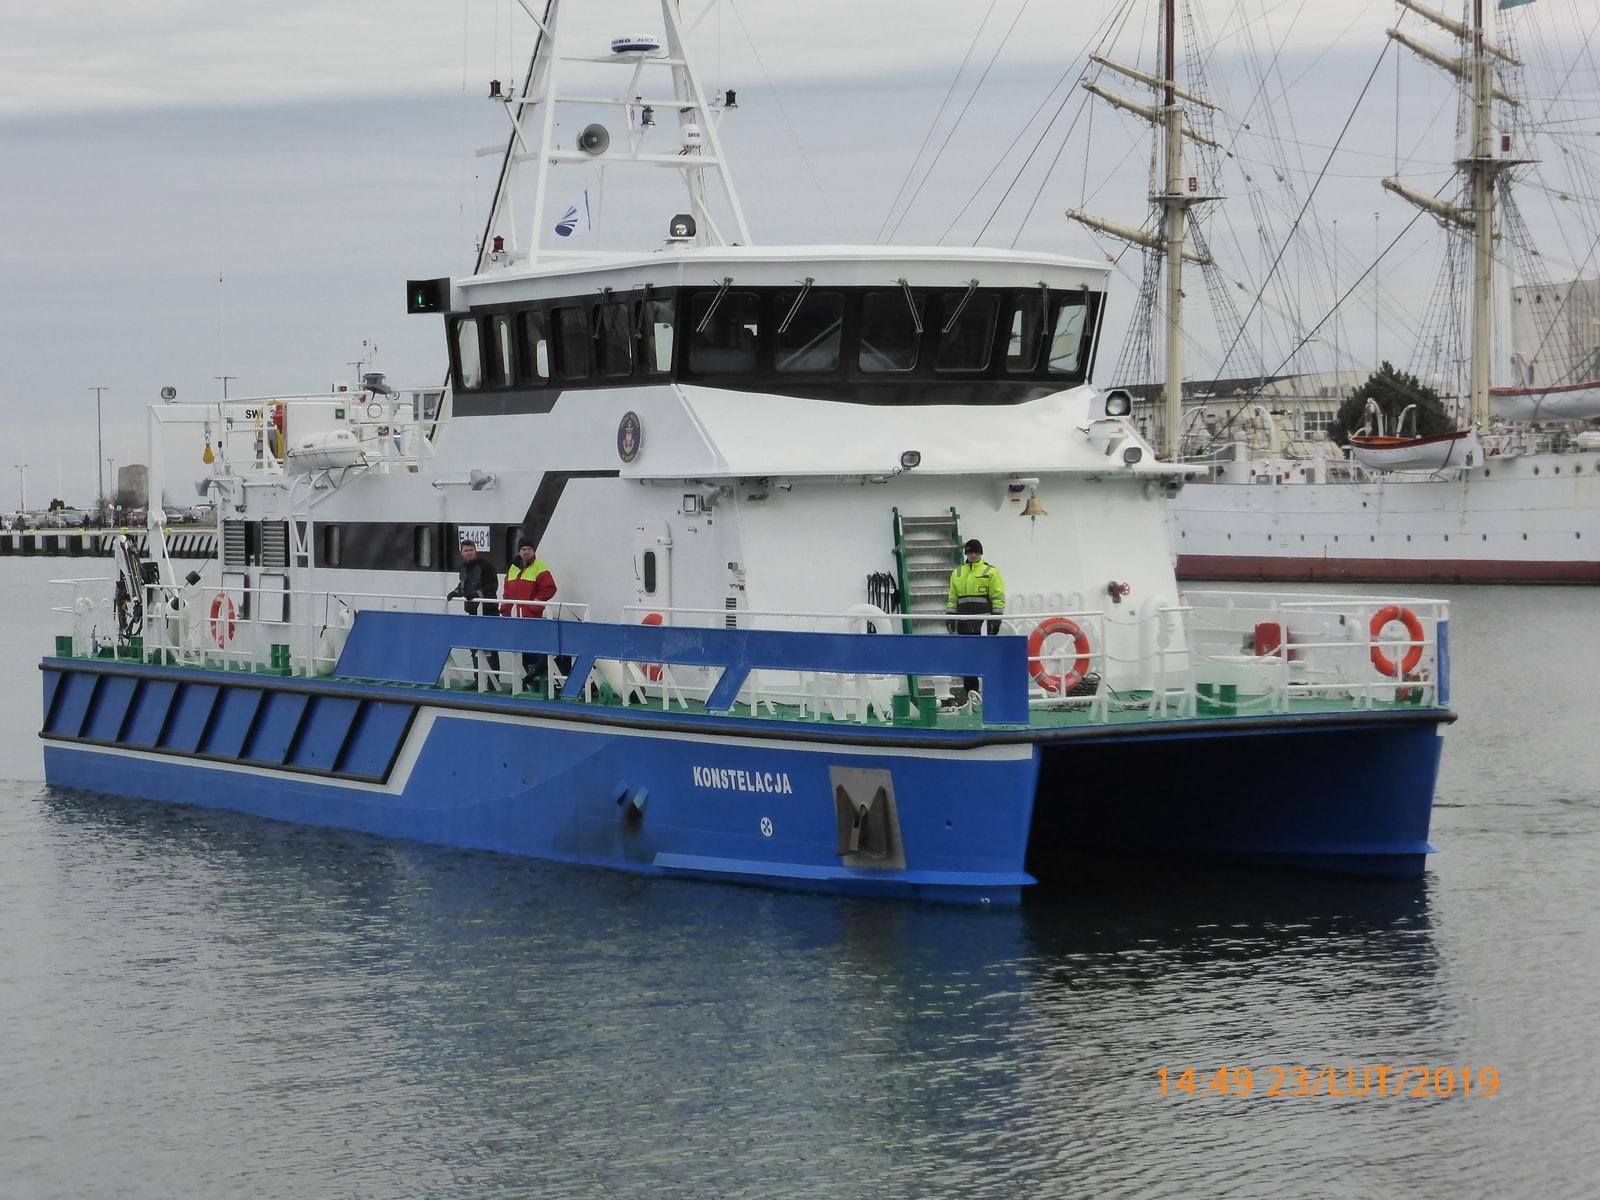 SAD Konstelacja w Gdyni 2